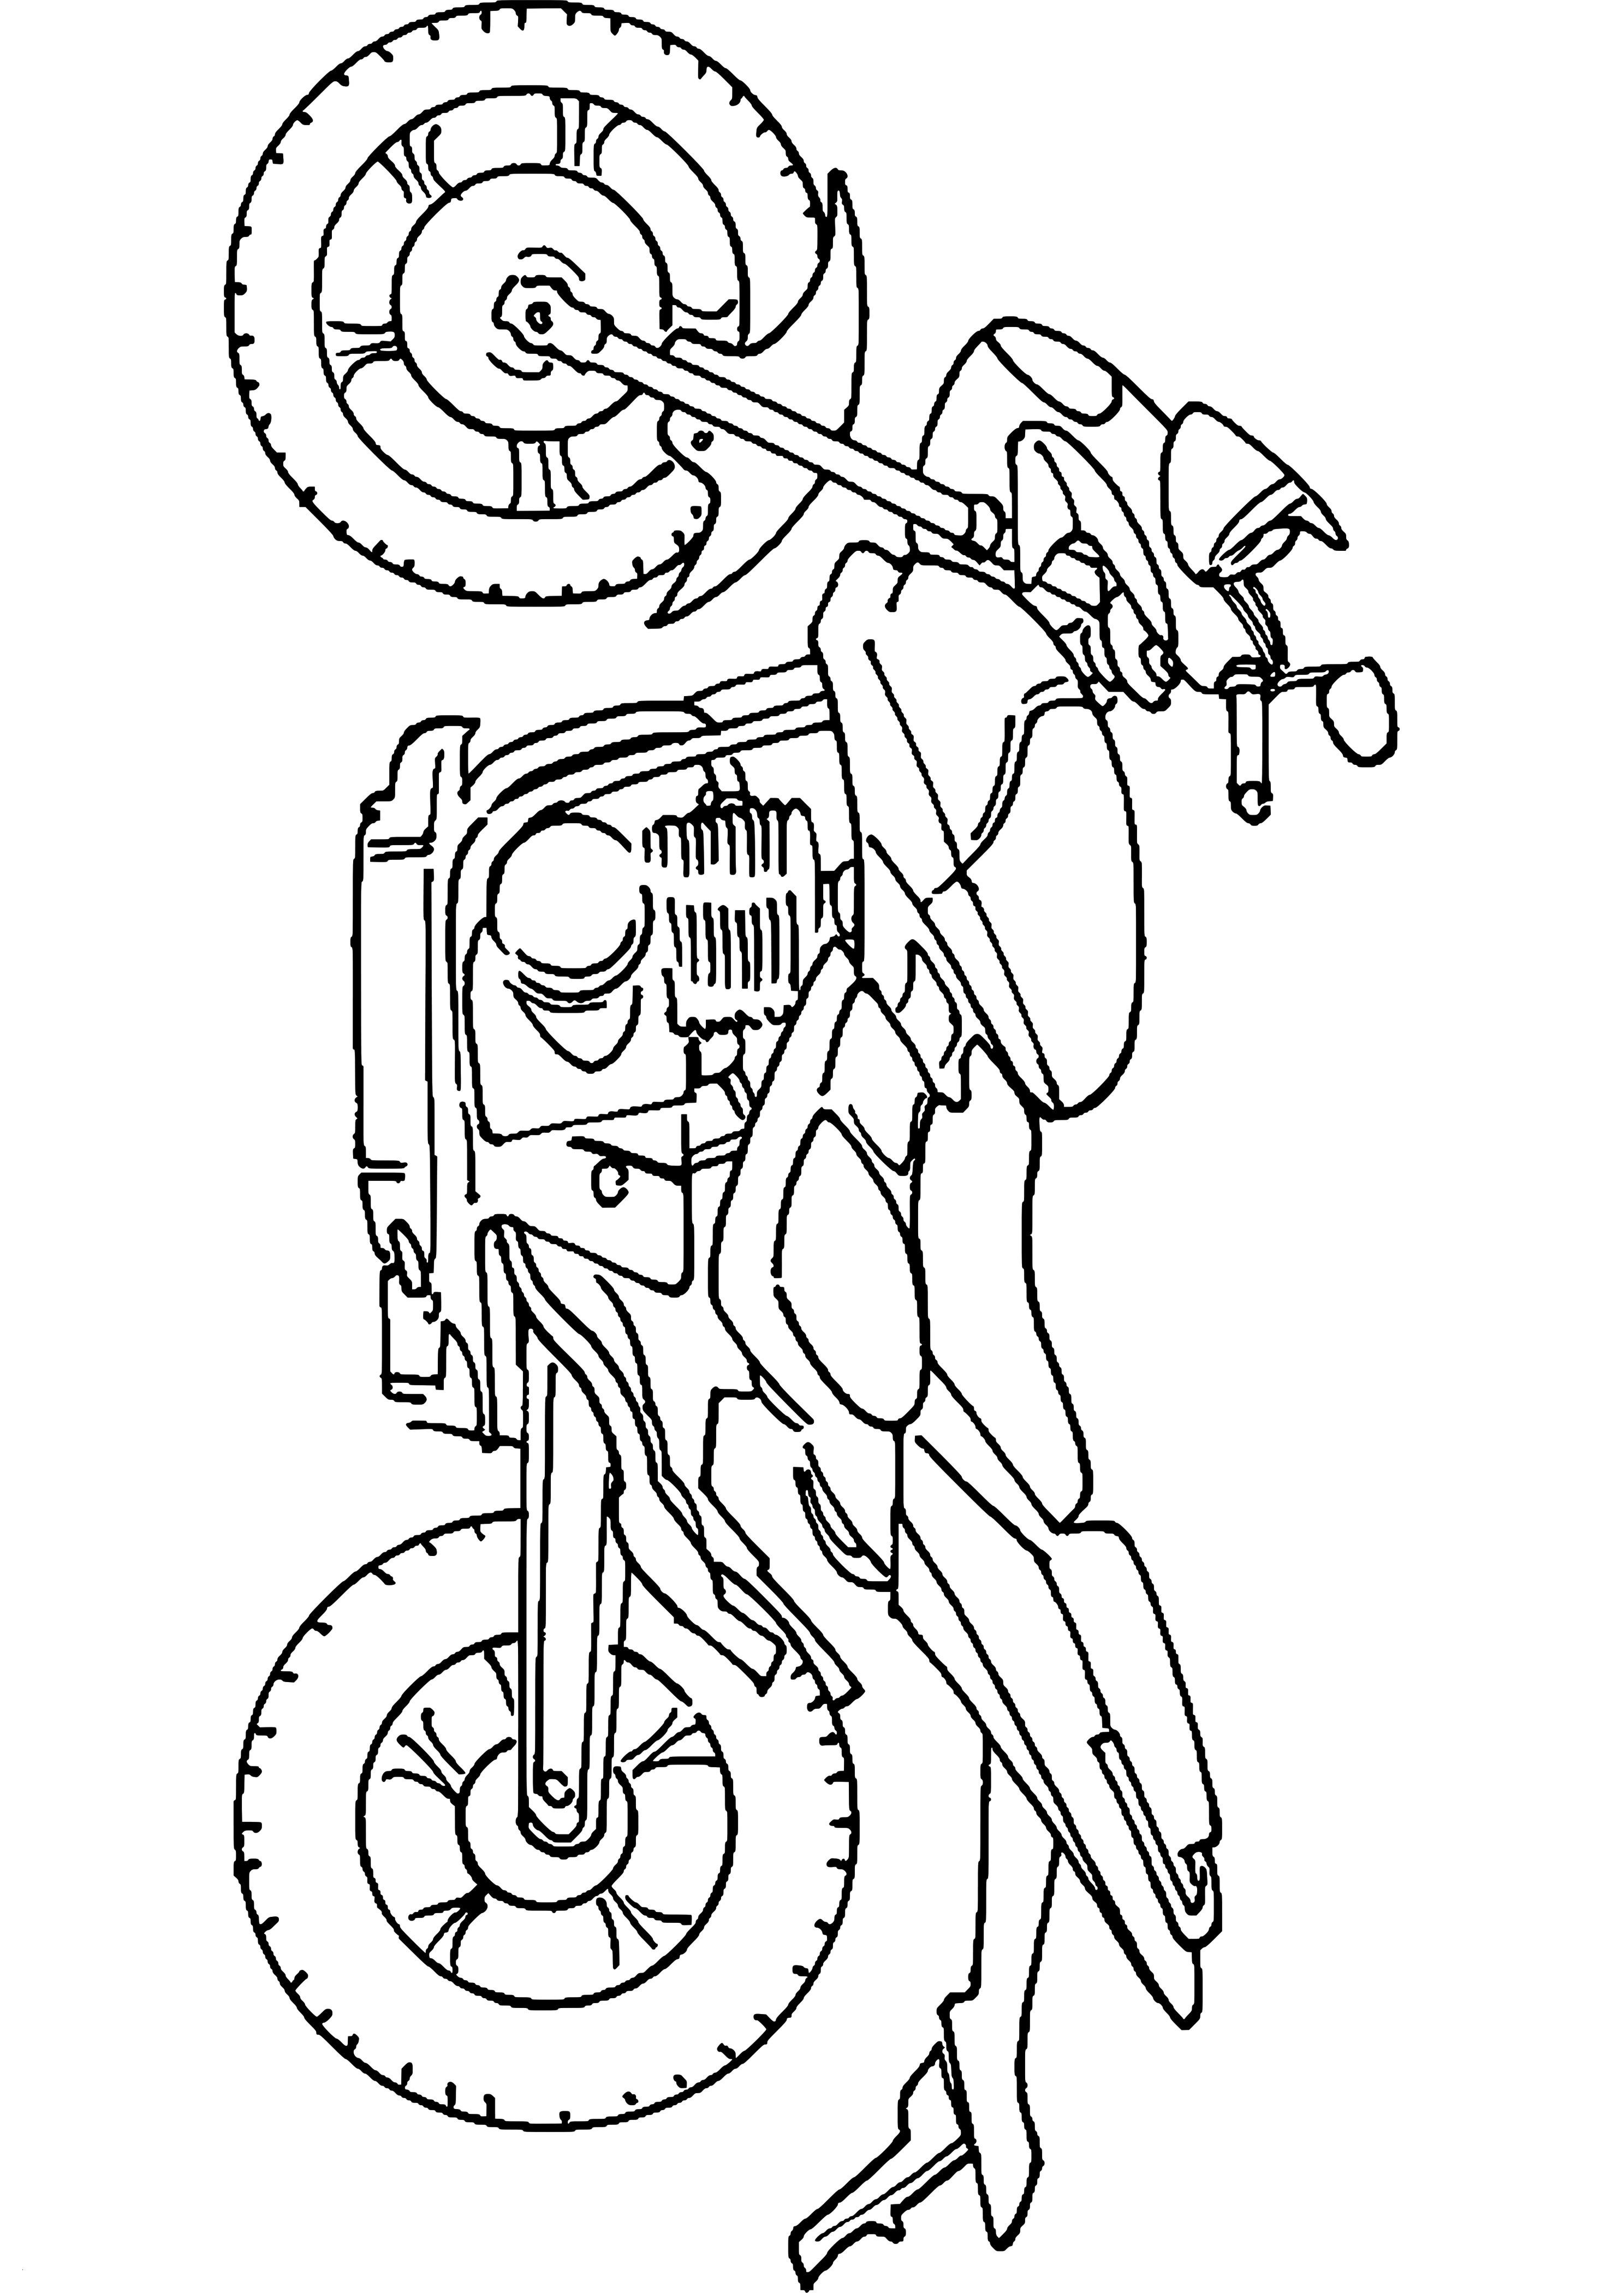 Motorrad Zum Ausmalen Genial Ausmalbilder Motorrad Suzuki – Motorrad Bild Idee Luxus Ausmalbilder Stock